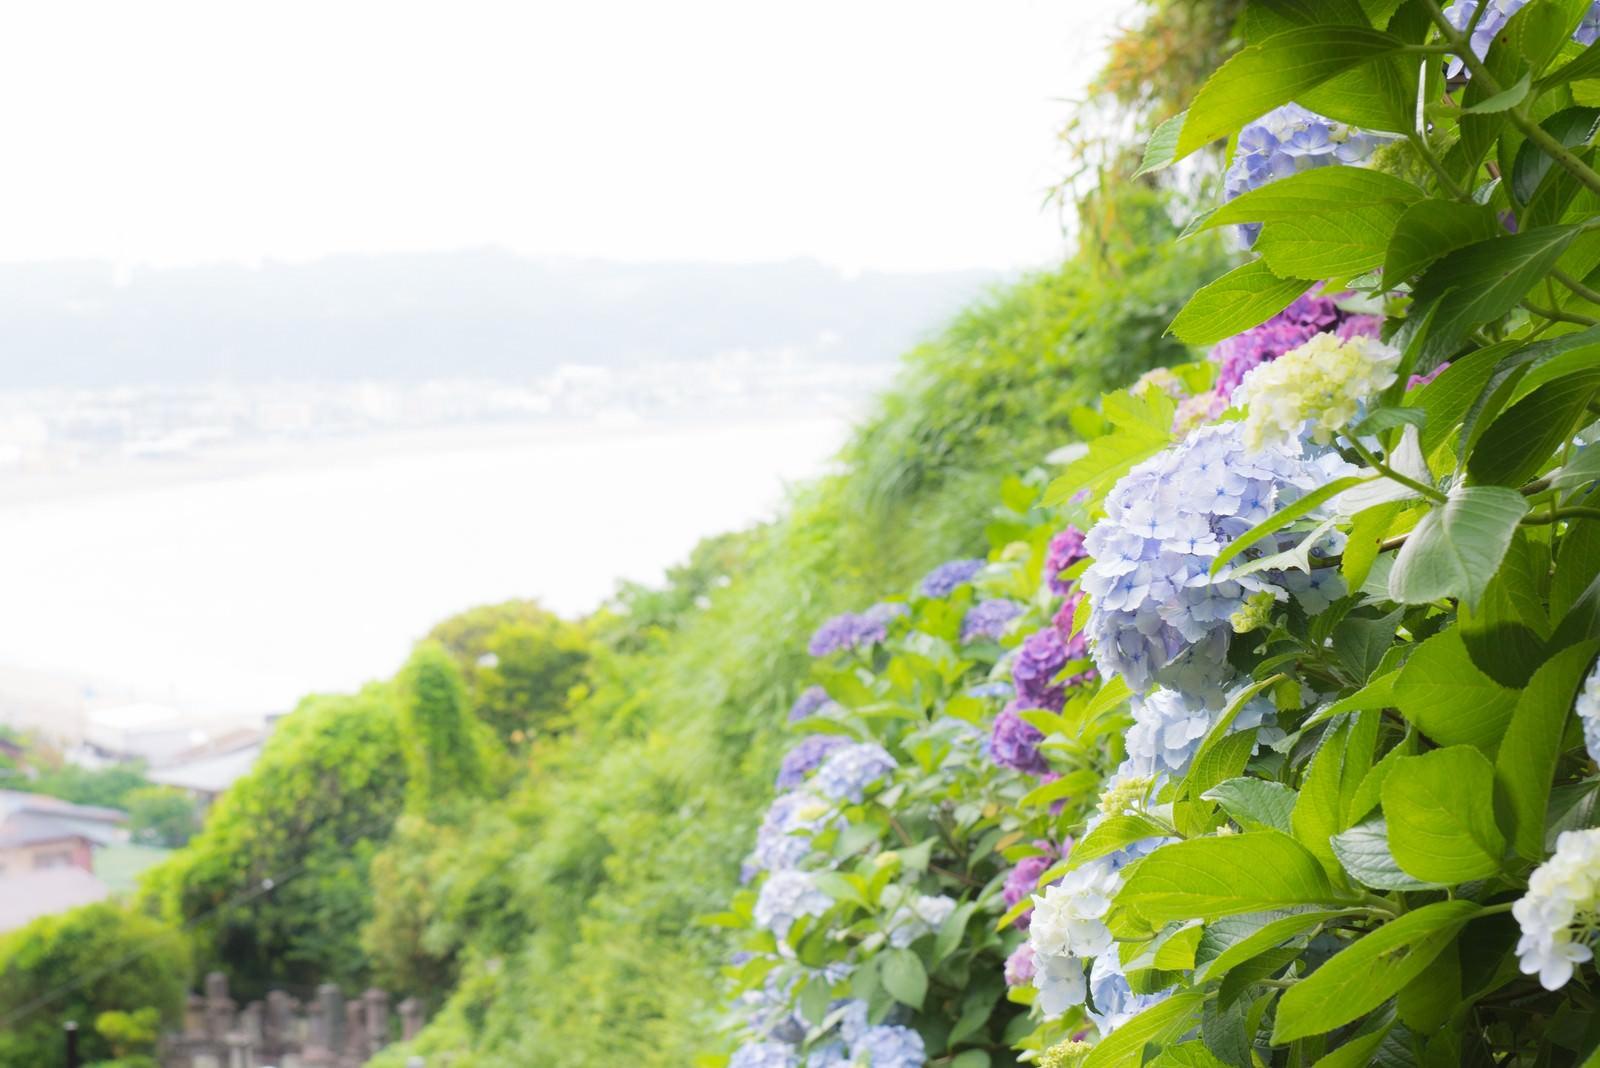 「山の上の紫陽花山の上の紫陽花」のフリー写真素材を拡大